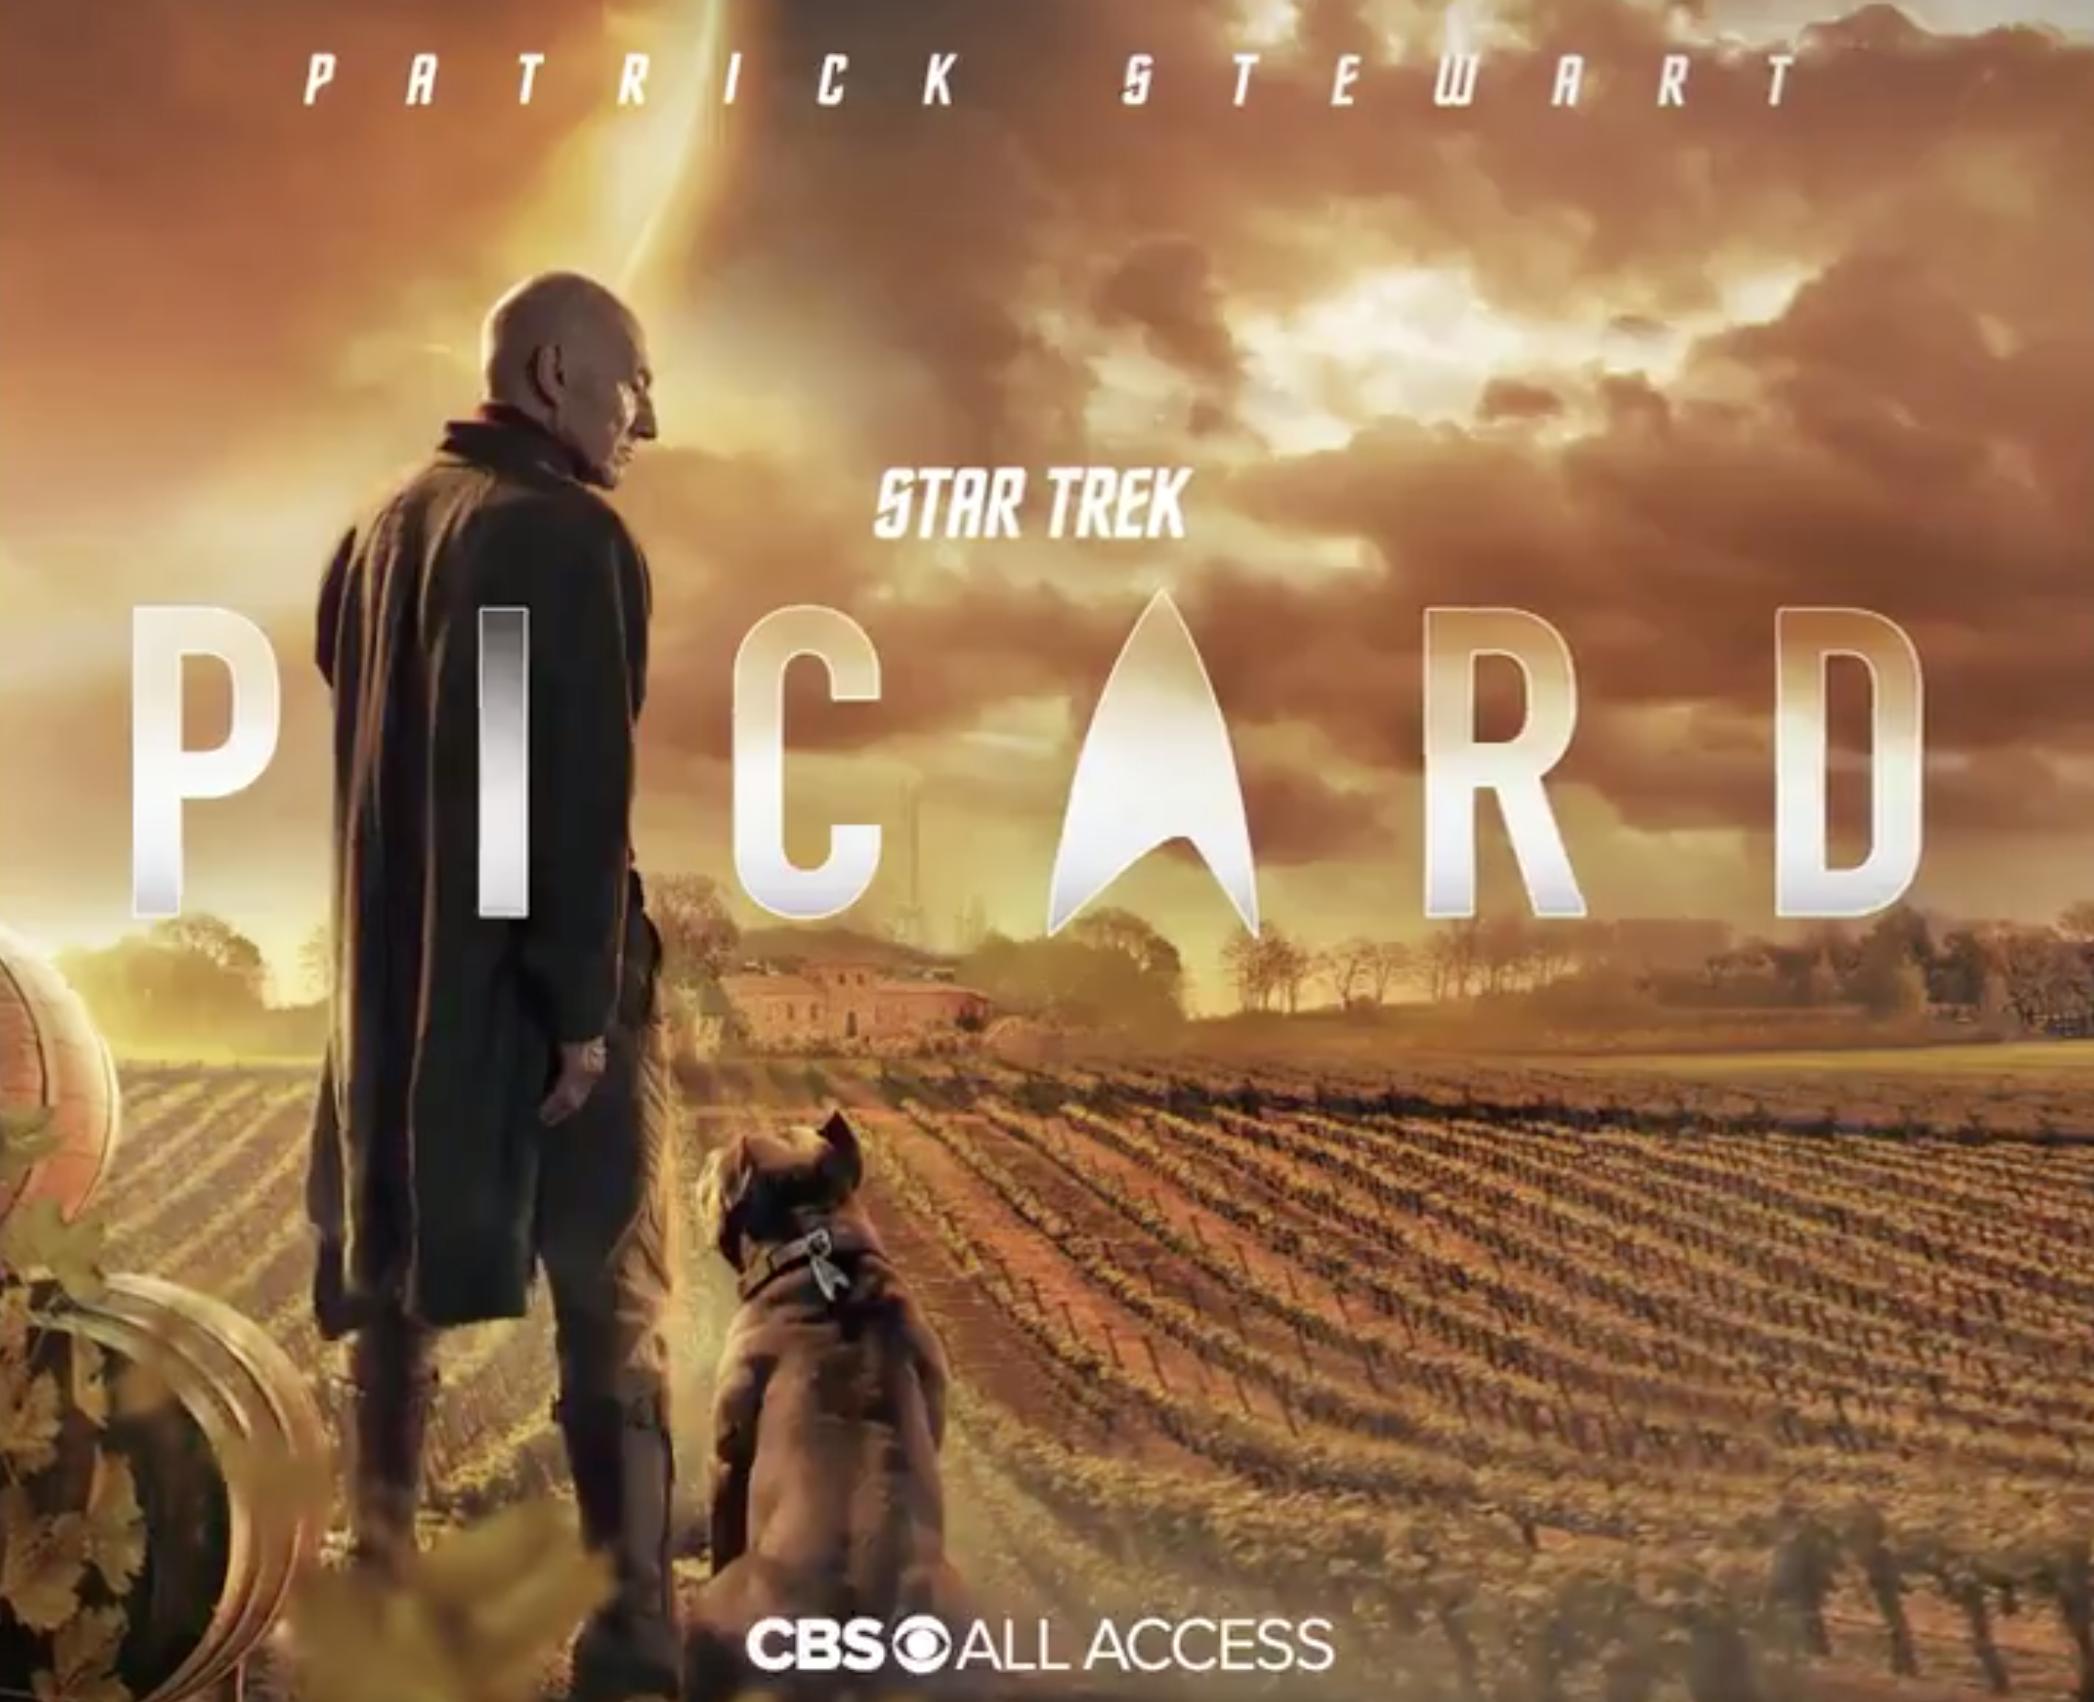 New key art for Star Trek: Picard